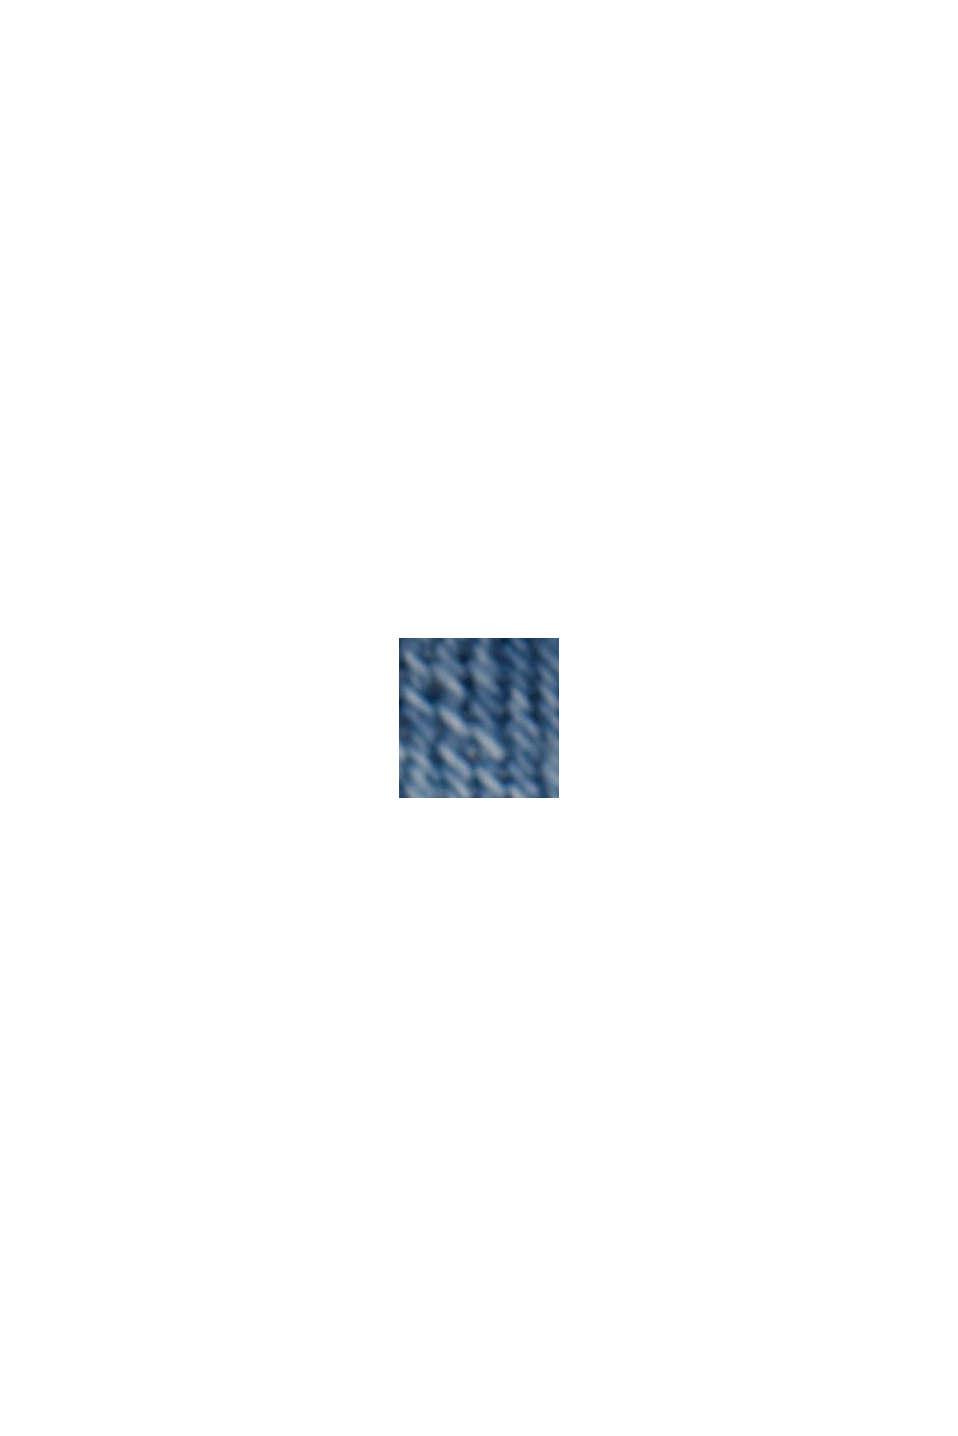 Jean corsaire en coton biologique, BLUE LIGHT WASHED, swatch